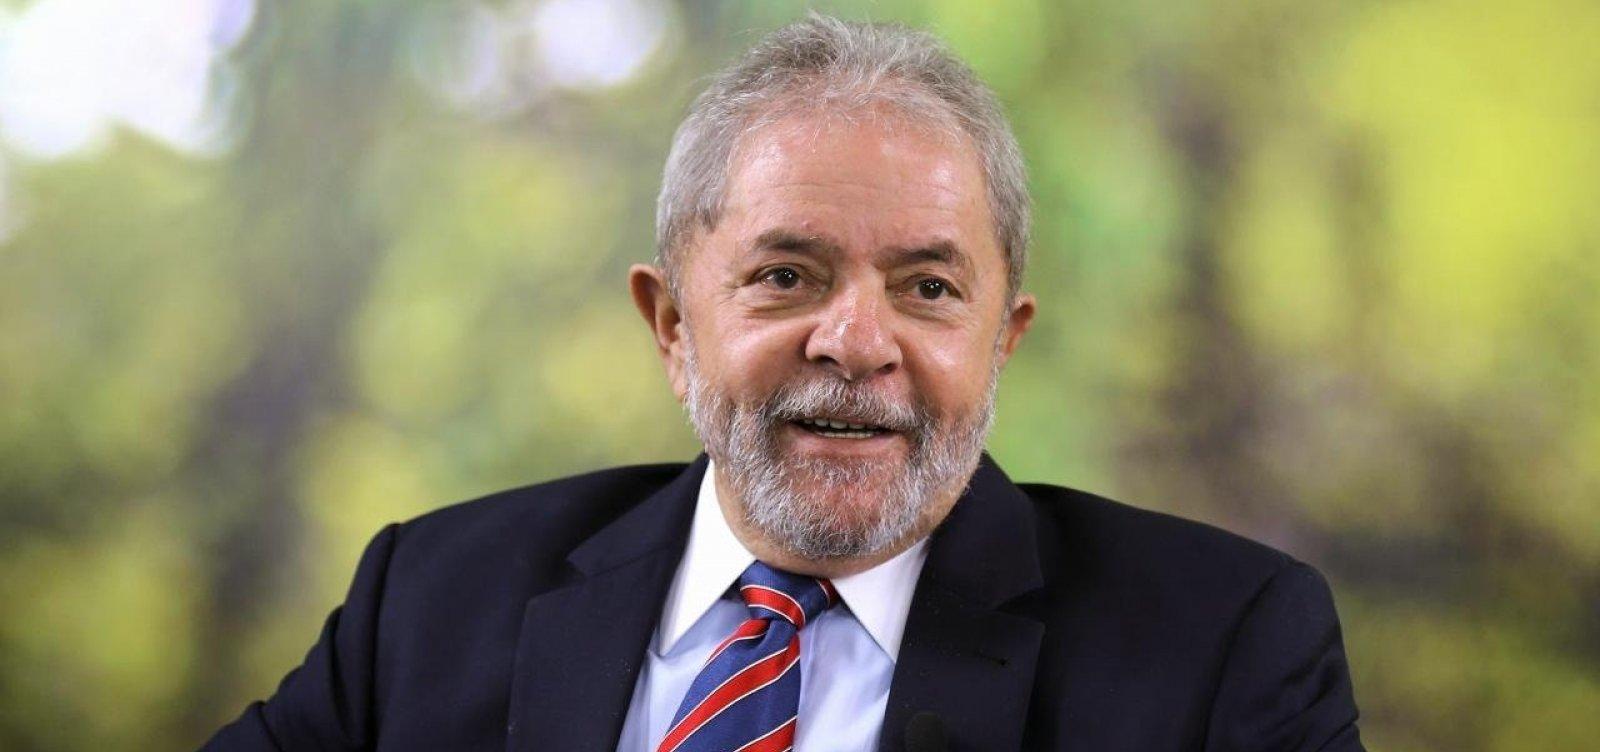 Juiz manda restituírem a Lula valor de imóvel que fica no Guarujá